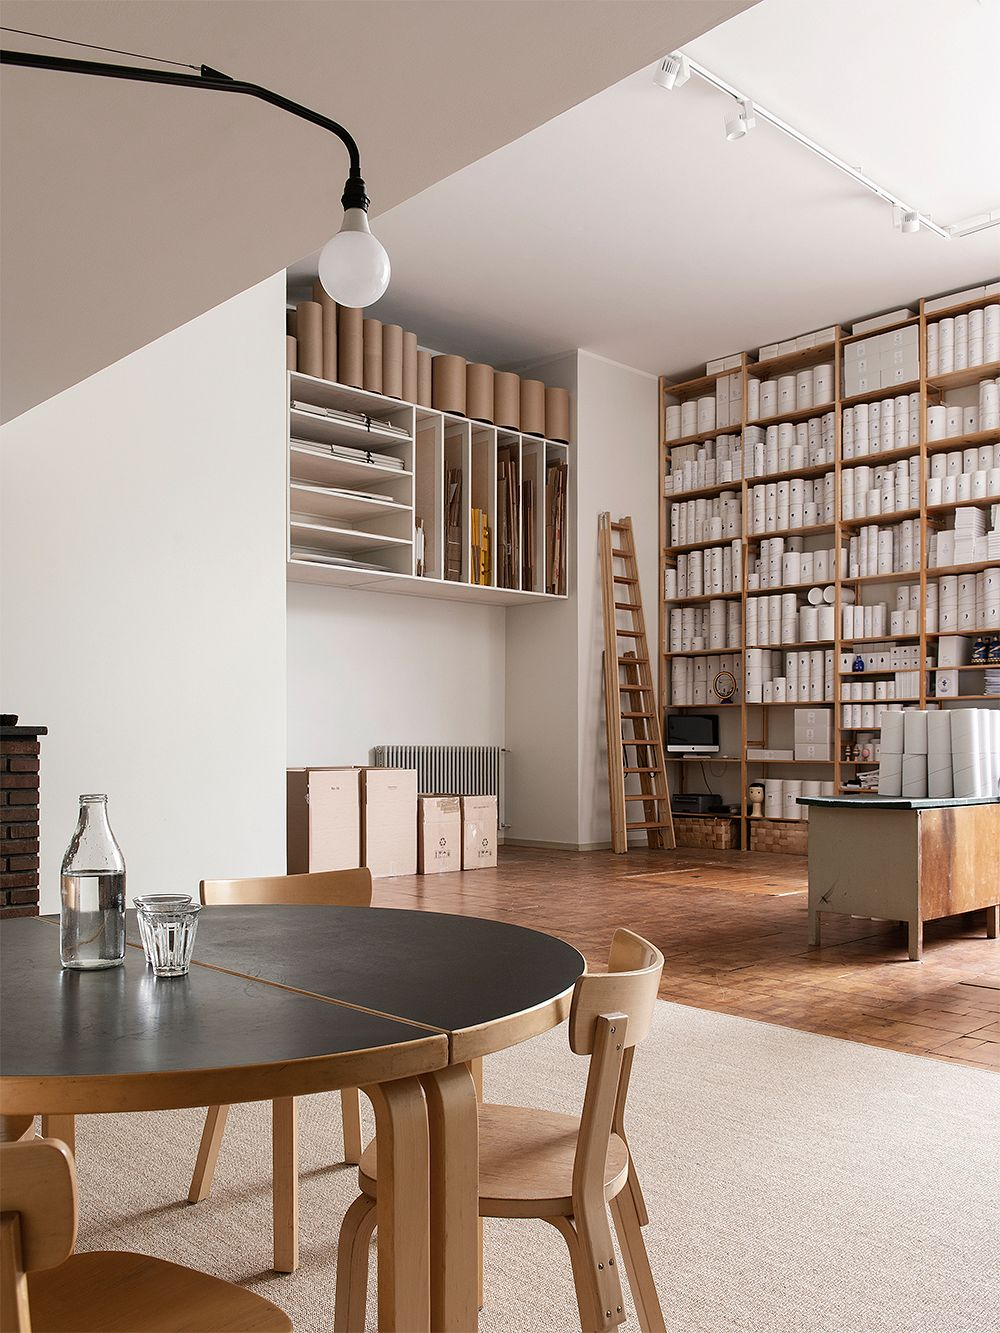 COMPANY's studio in Lallukka